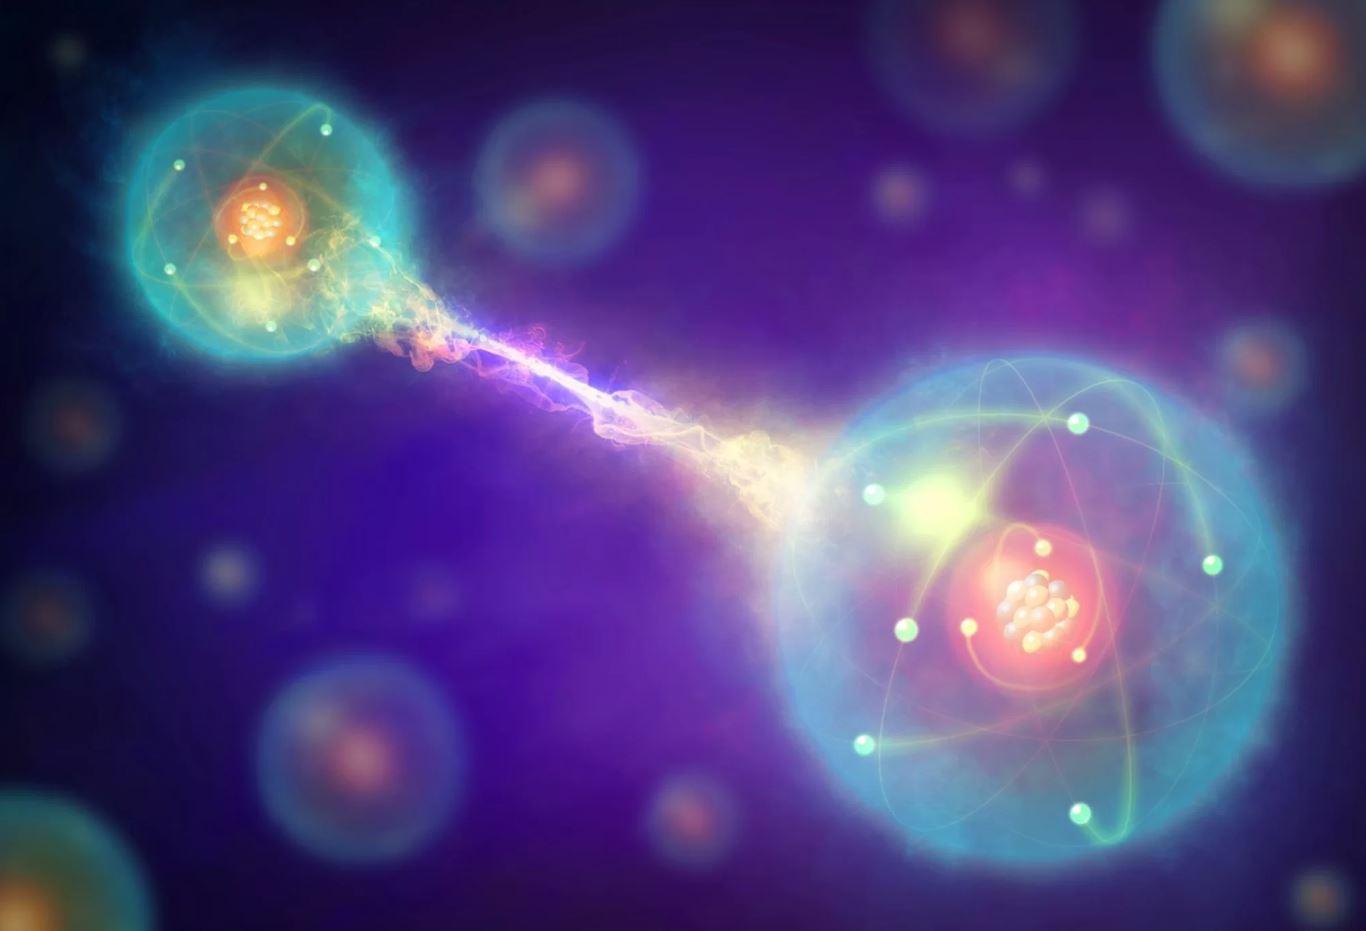 Obrázek: Schrödingerova bakterie je na dvou místech zároveň: Kvantová biologie mění chápaní fyziky a vesmíru